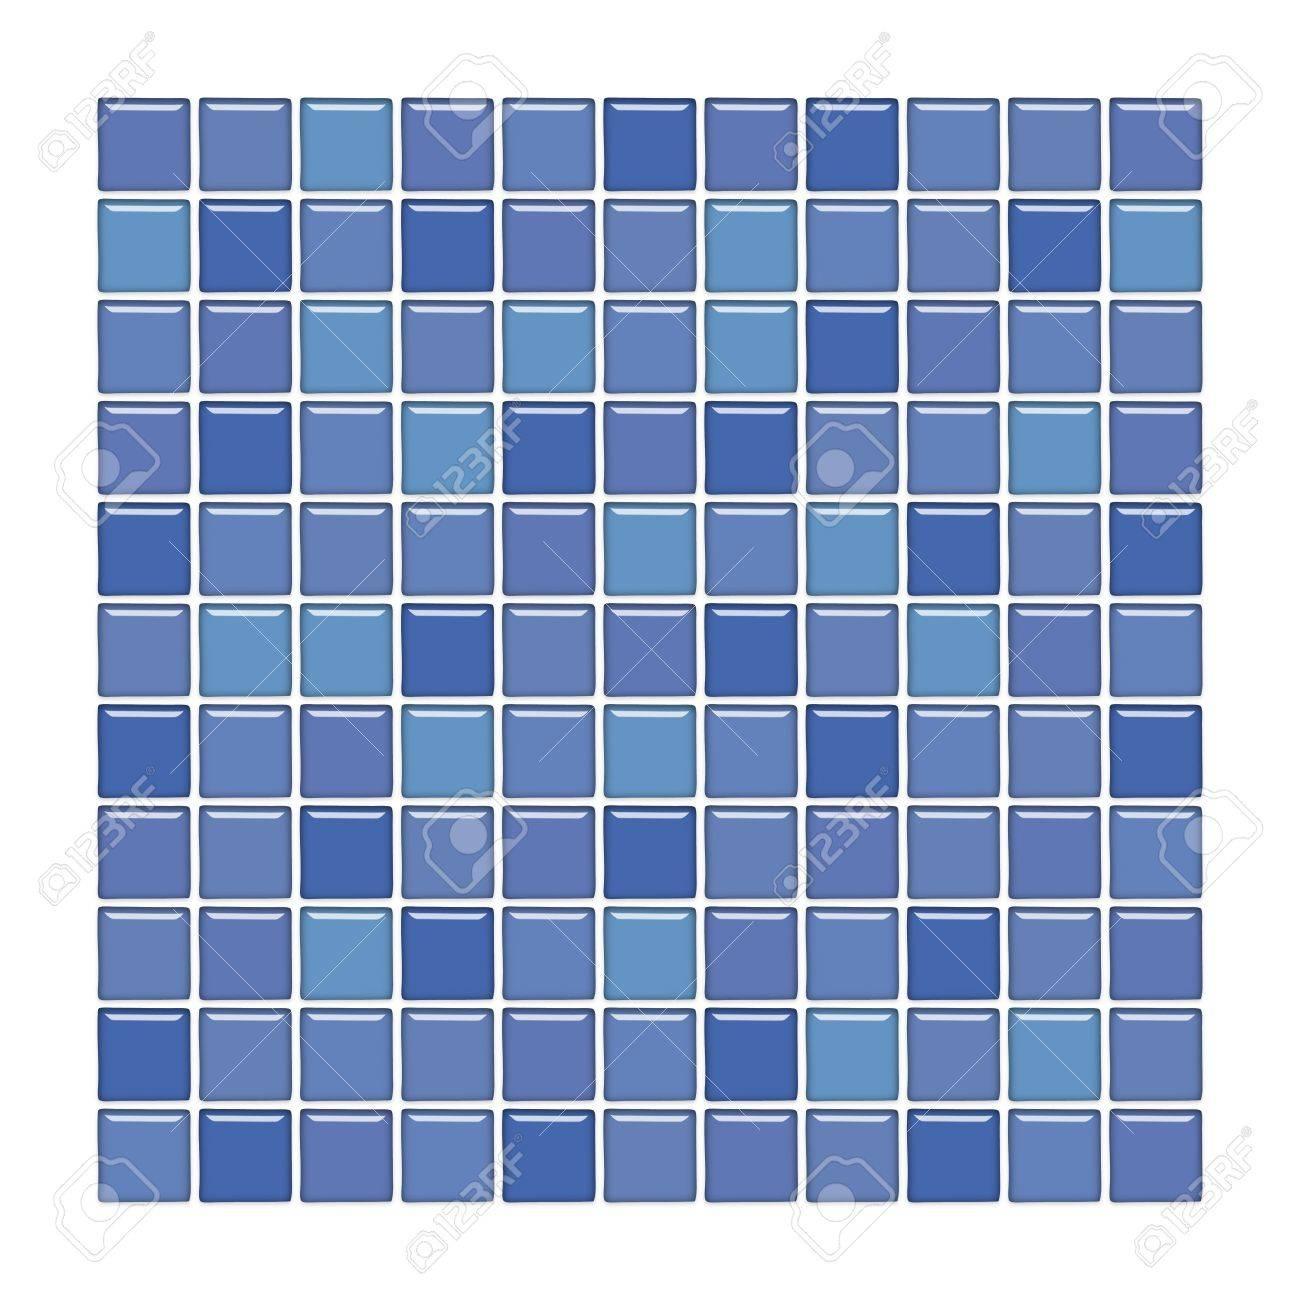 Salle de bains avec mur violet et bleu carreaux de mosaïque de verre